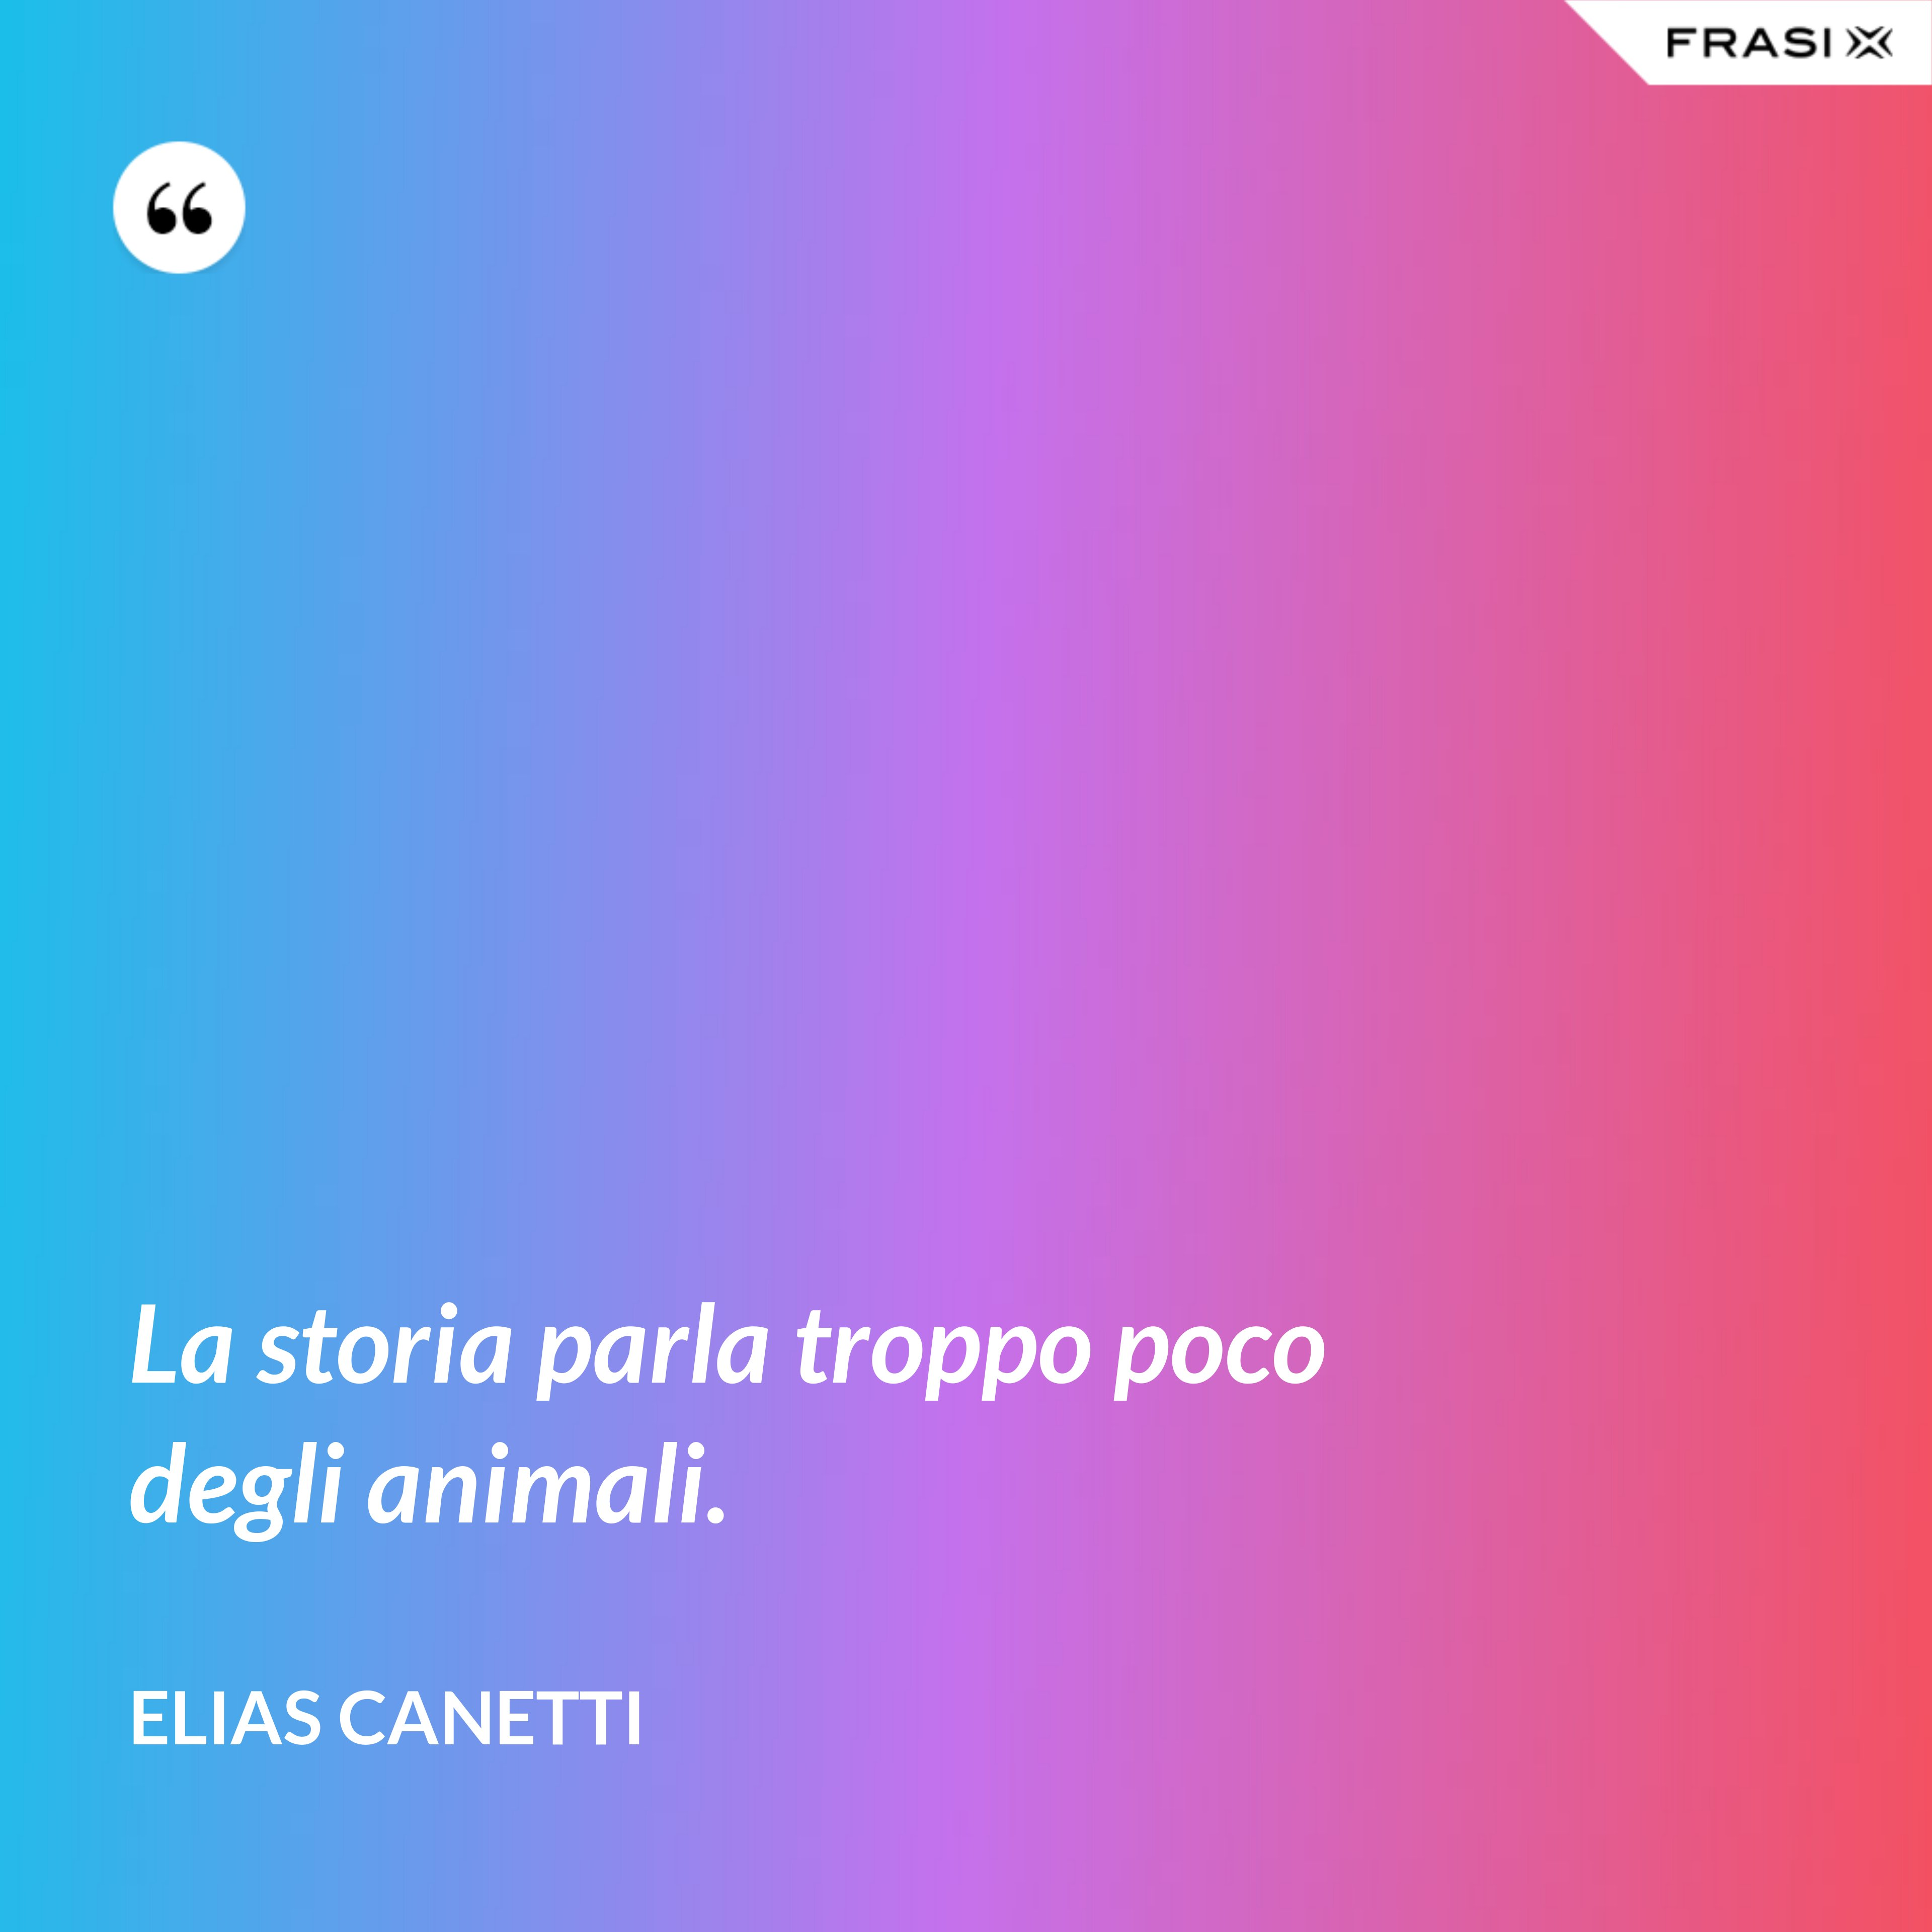 La storia parla troppo poco degli animali. - Elias Canetti